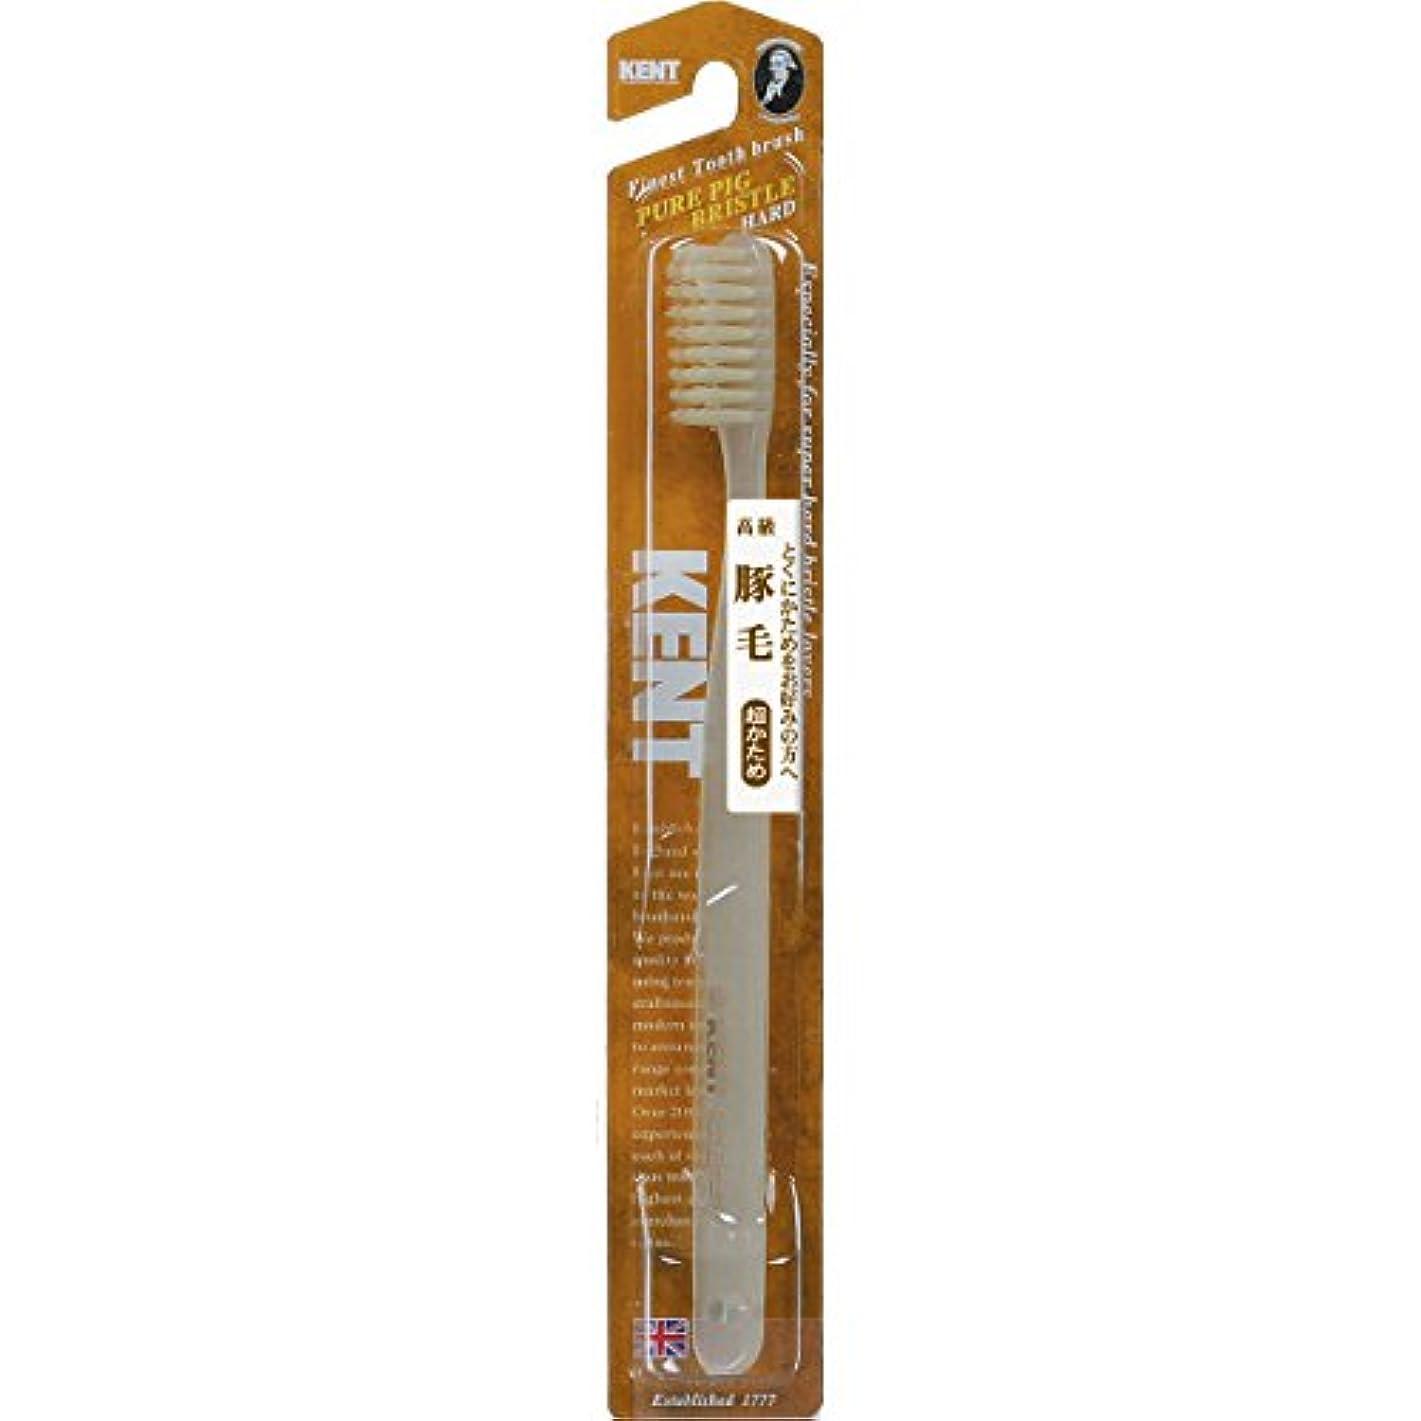 クリームアプライアンス無数のKENT 豚毛歯ブラシ ラージヘッド 超かため KNT-2433 ×10個セット